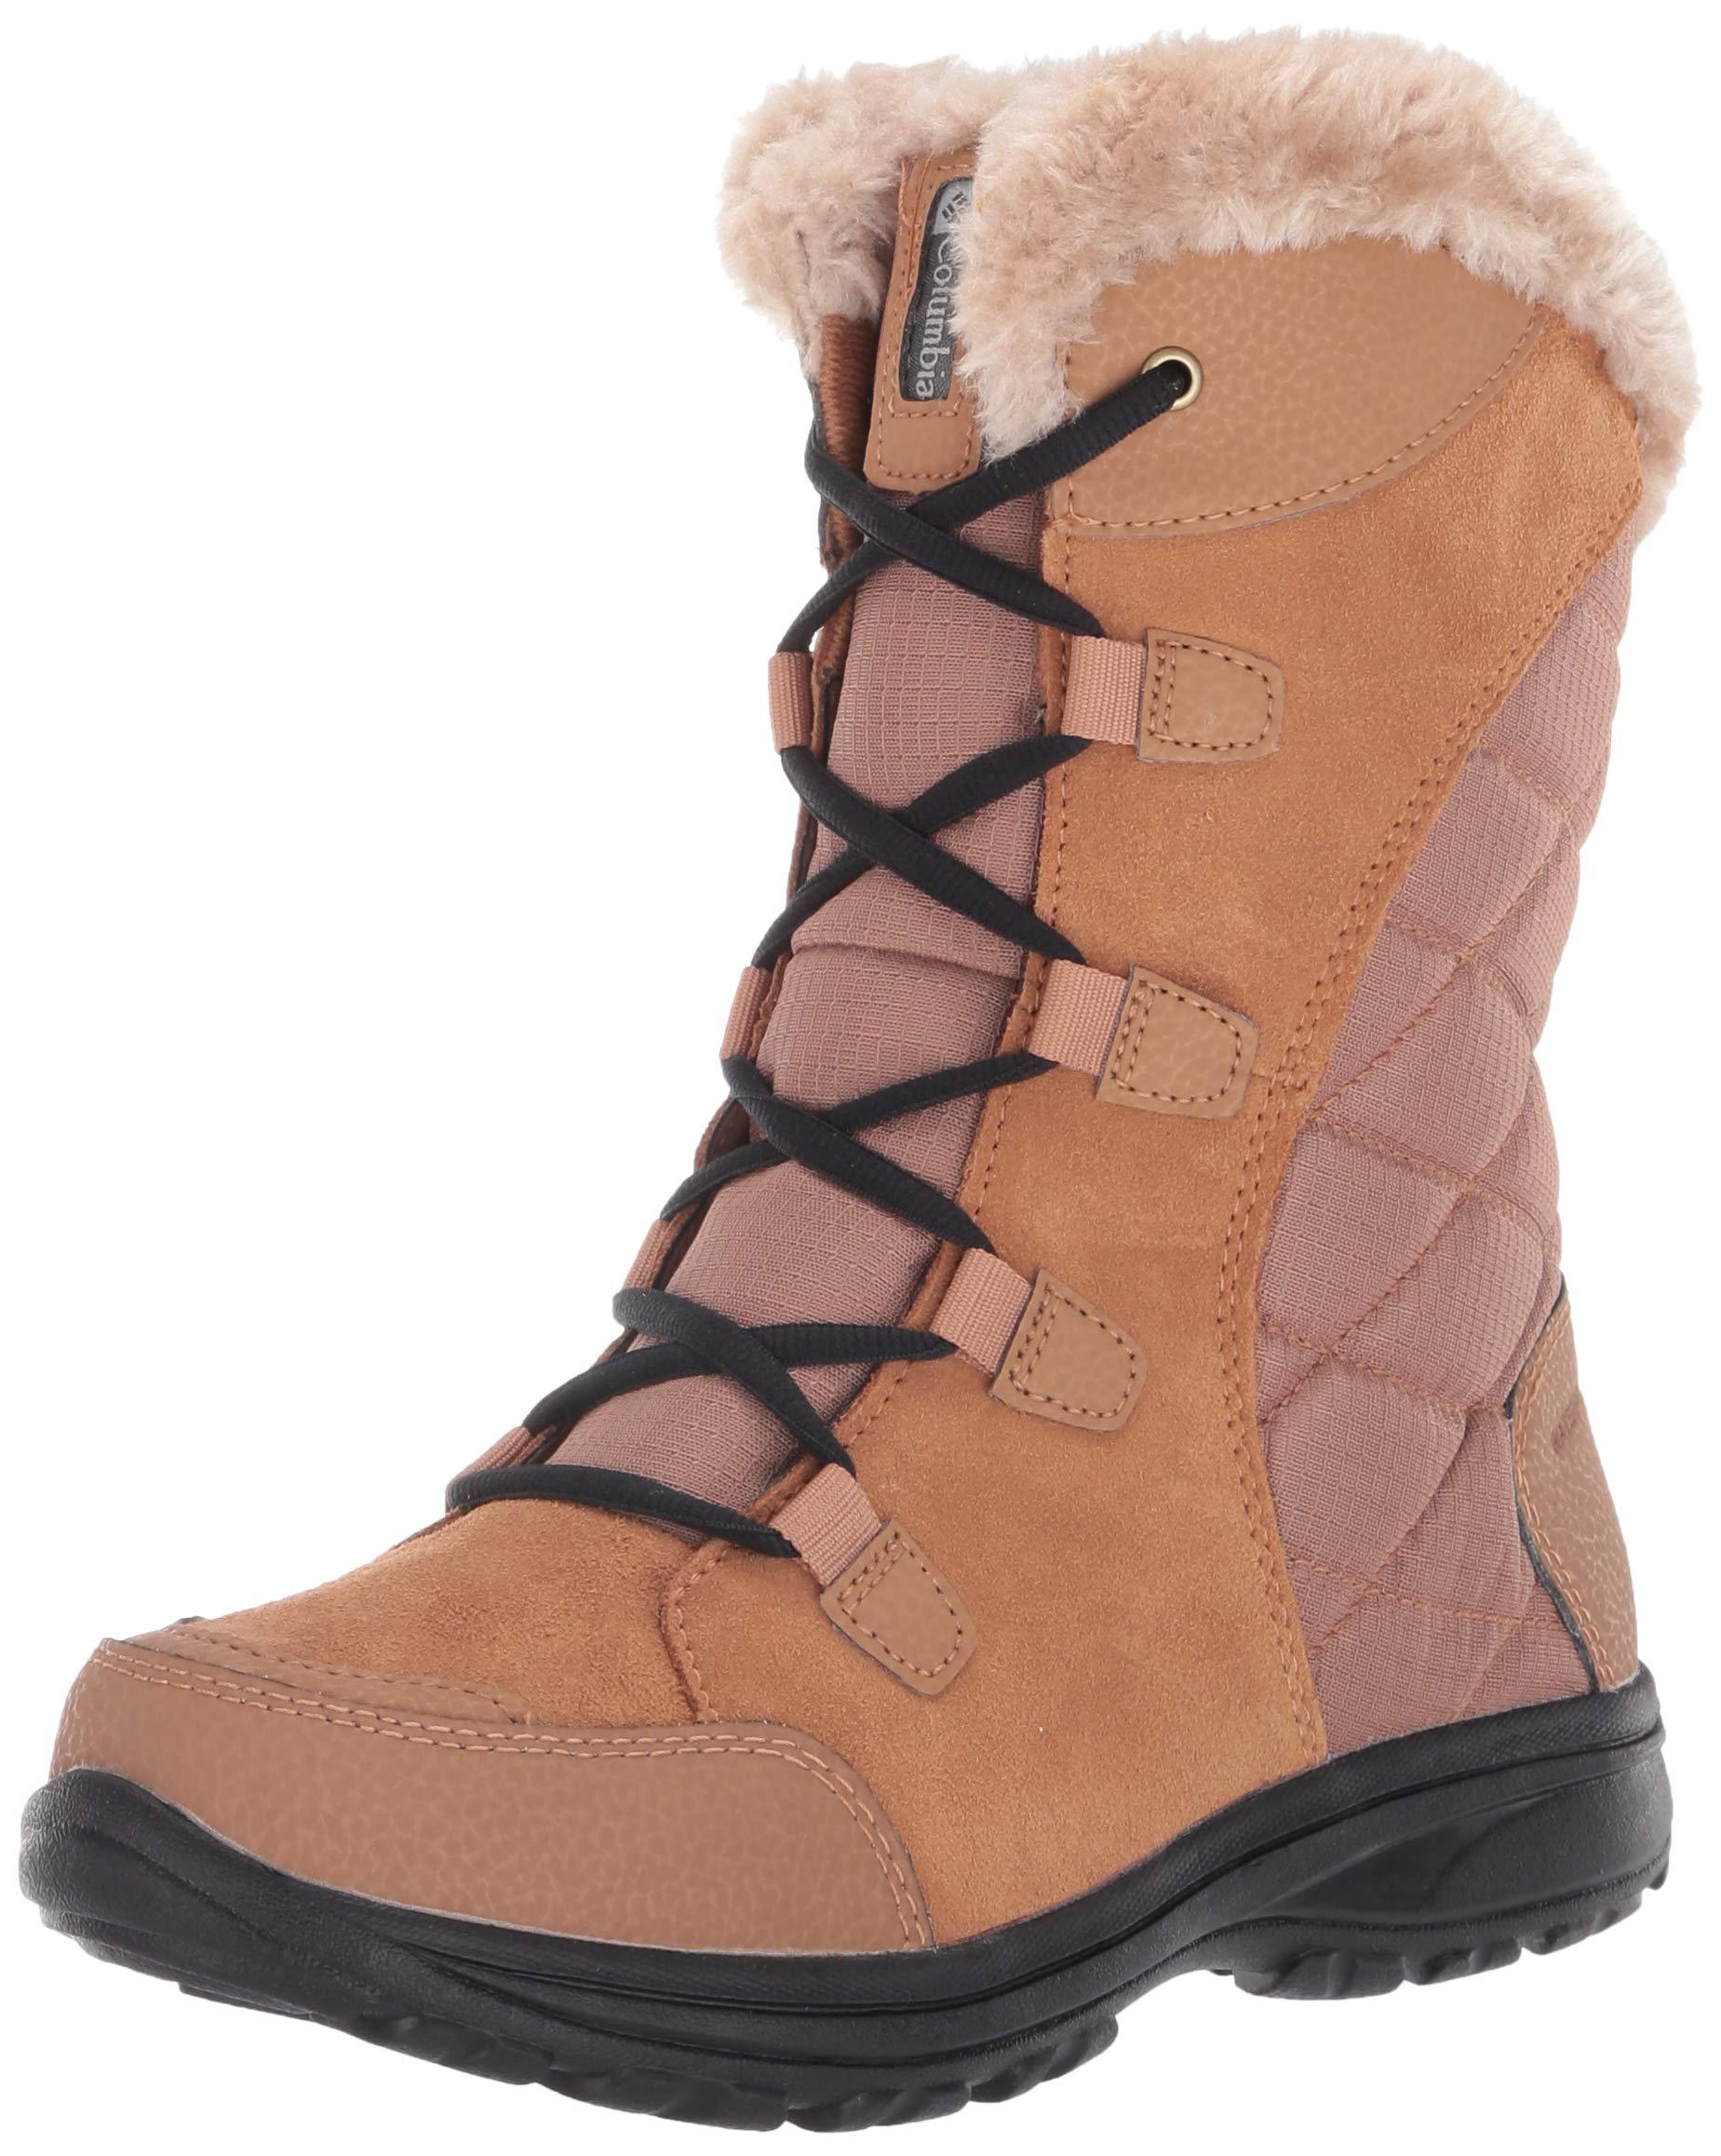 Columbia Women's ICE Maiden II Snow Boot, elk, Black, 12 Regular US by Columbia